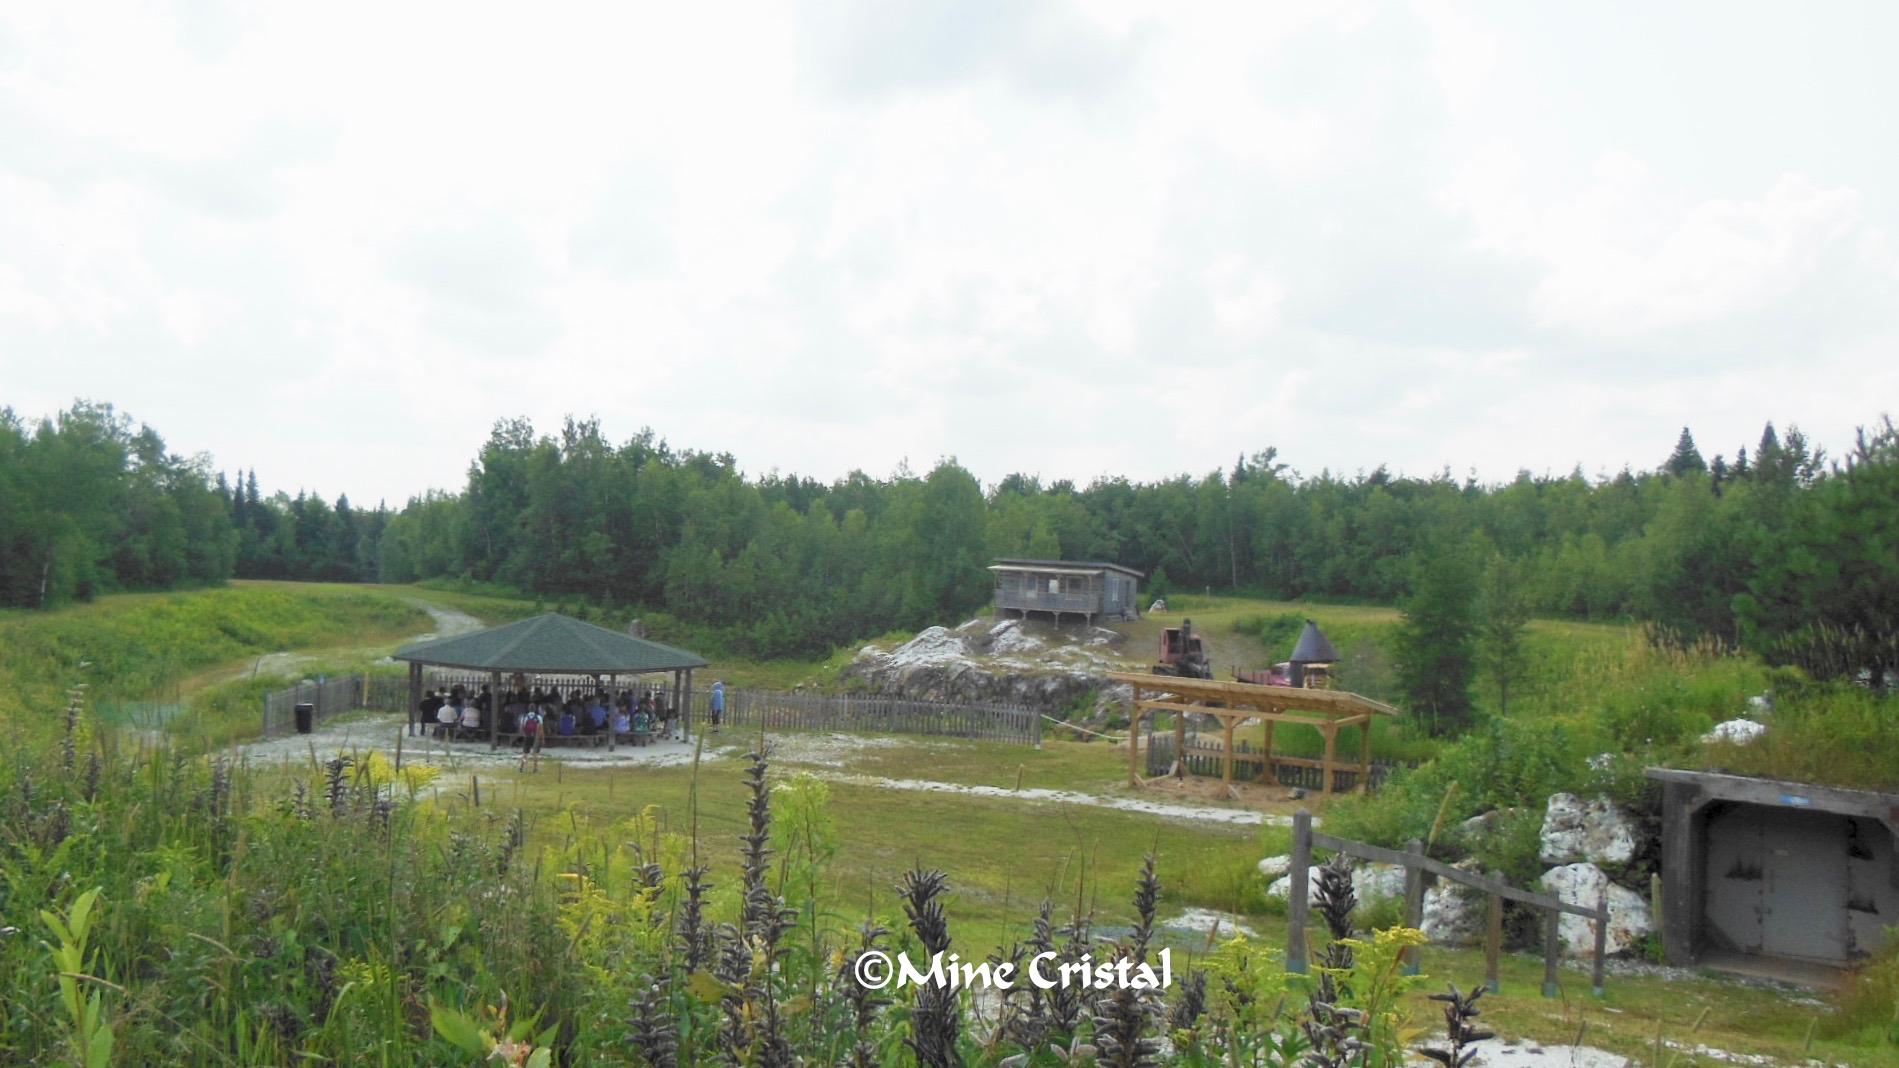 Le guide parle des cristaux aux participants assis sous un belvédère à la mine.